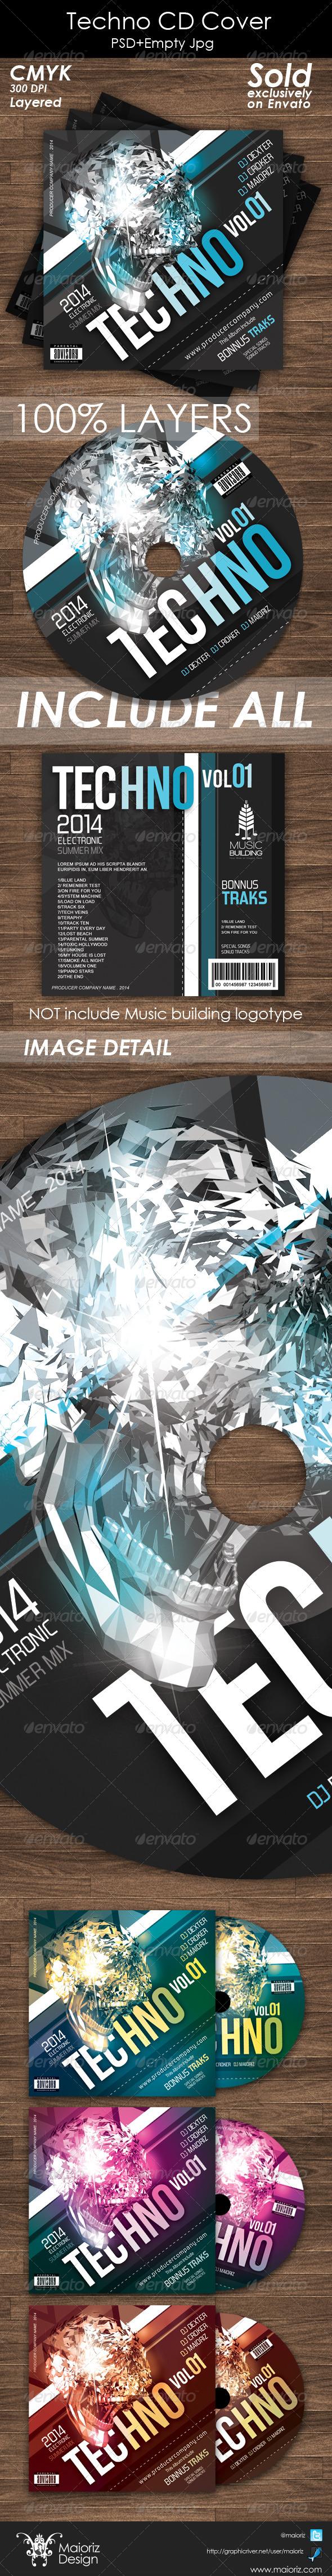 Techno Cd Cover Artwork